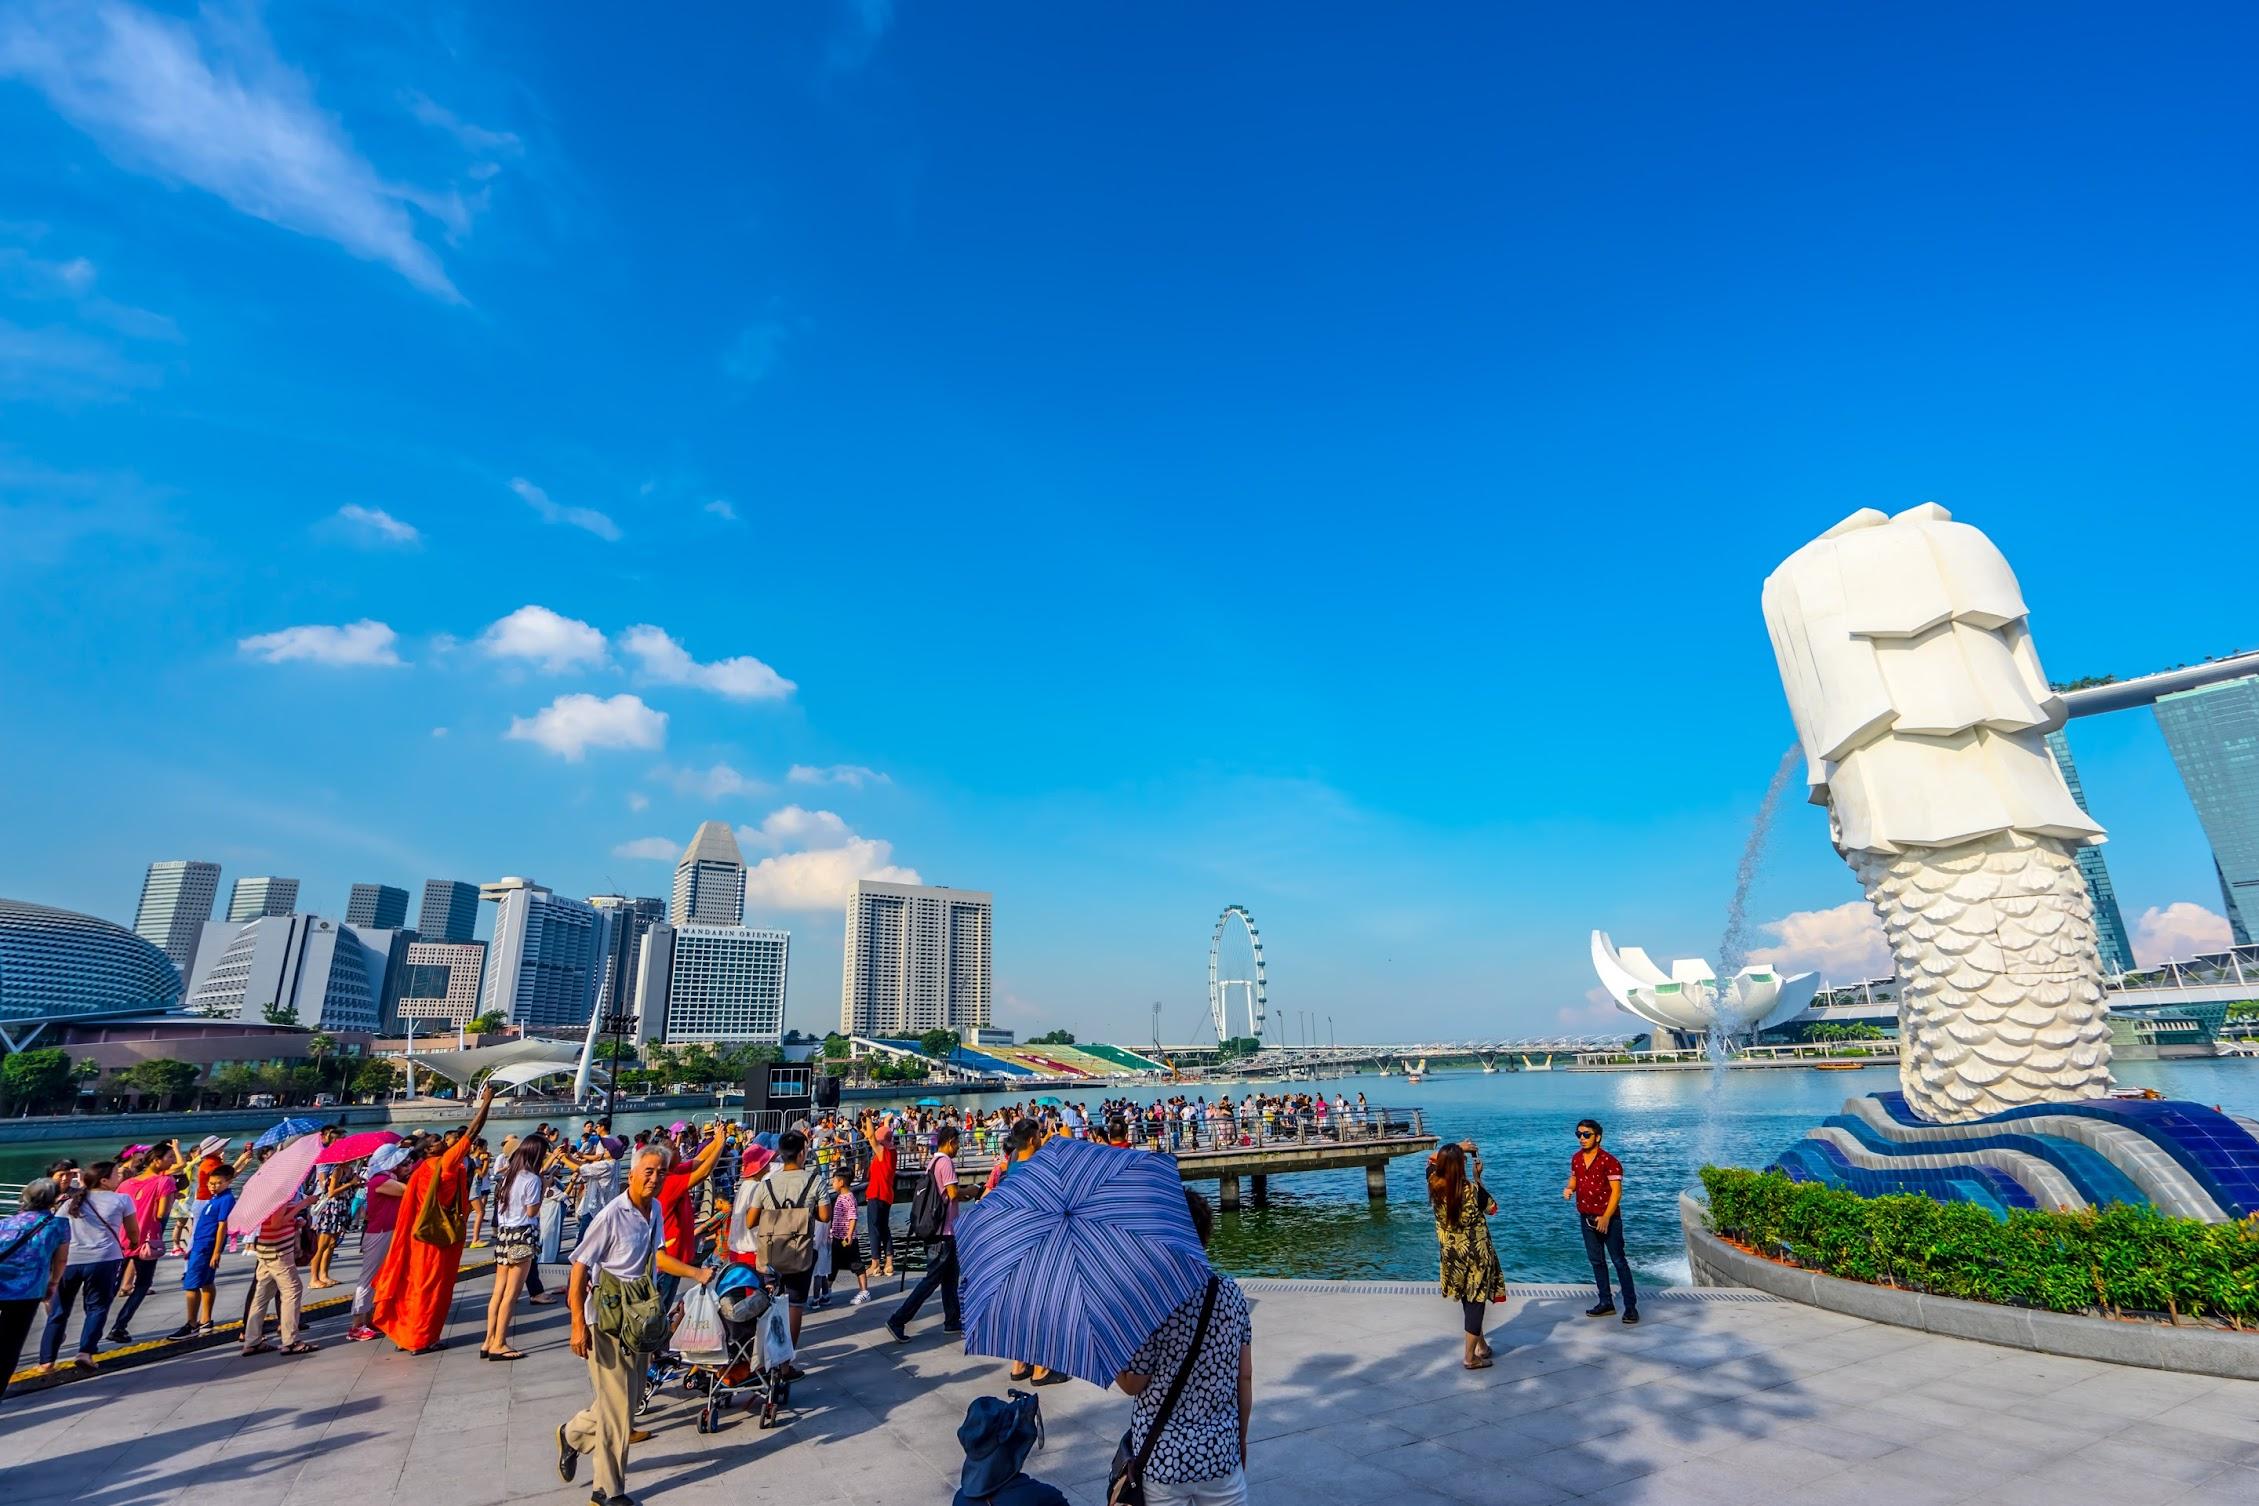 シンガポール マーライオン・パーク1